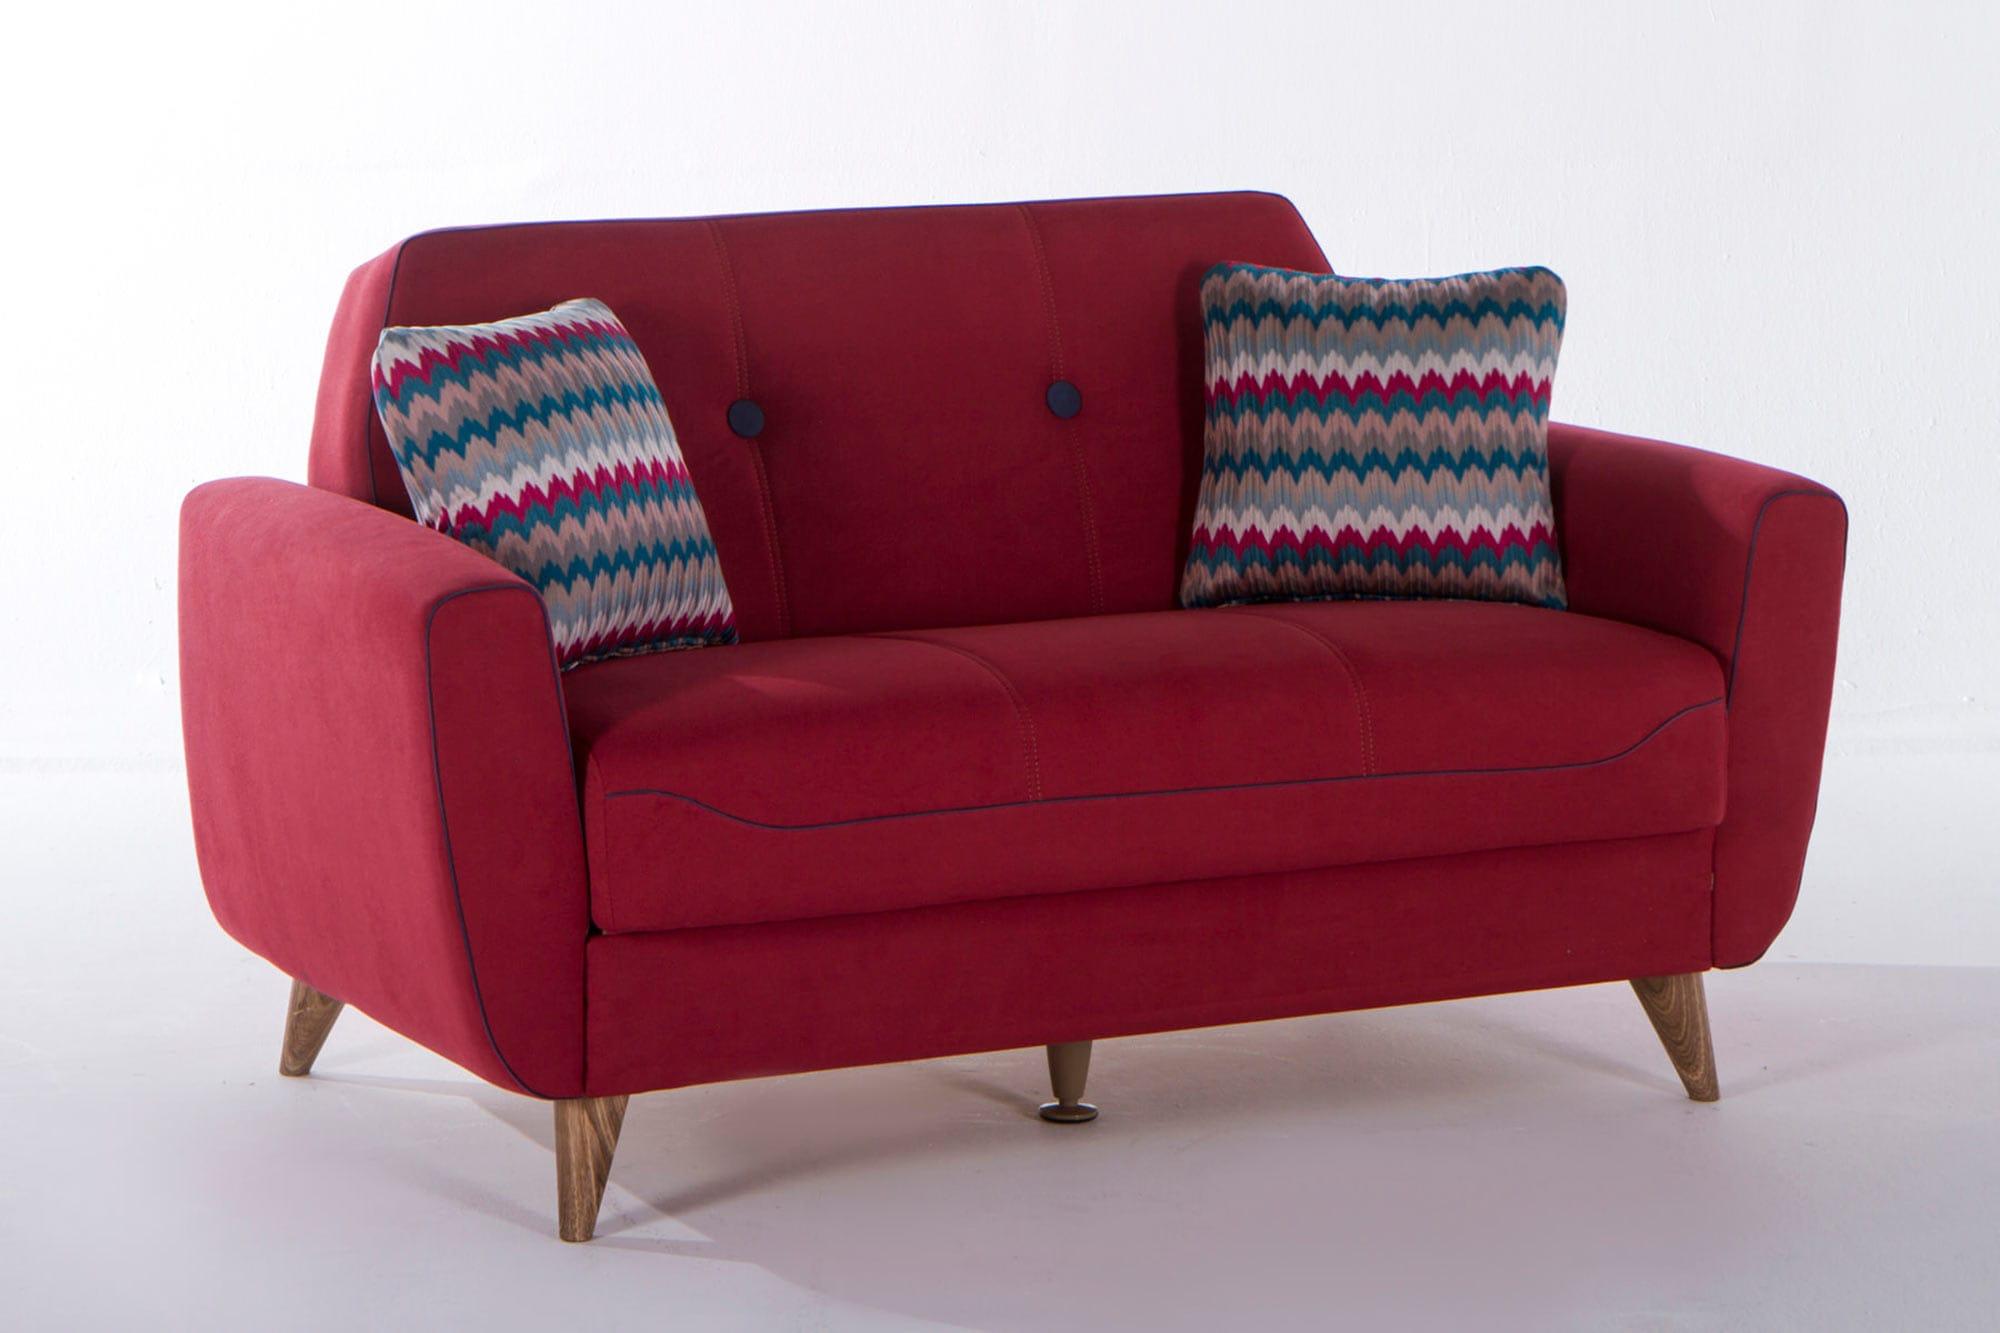 Excellent Nora Zigana Marsala Loveseat By Istikbal Furniture Uwap Interior Chair Design Uwaporg